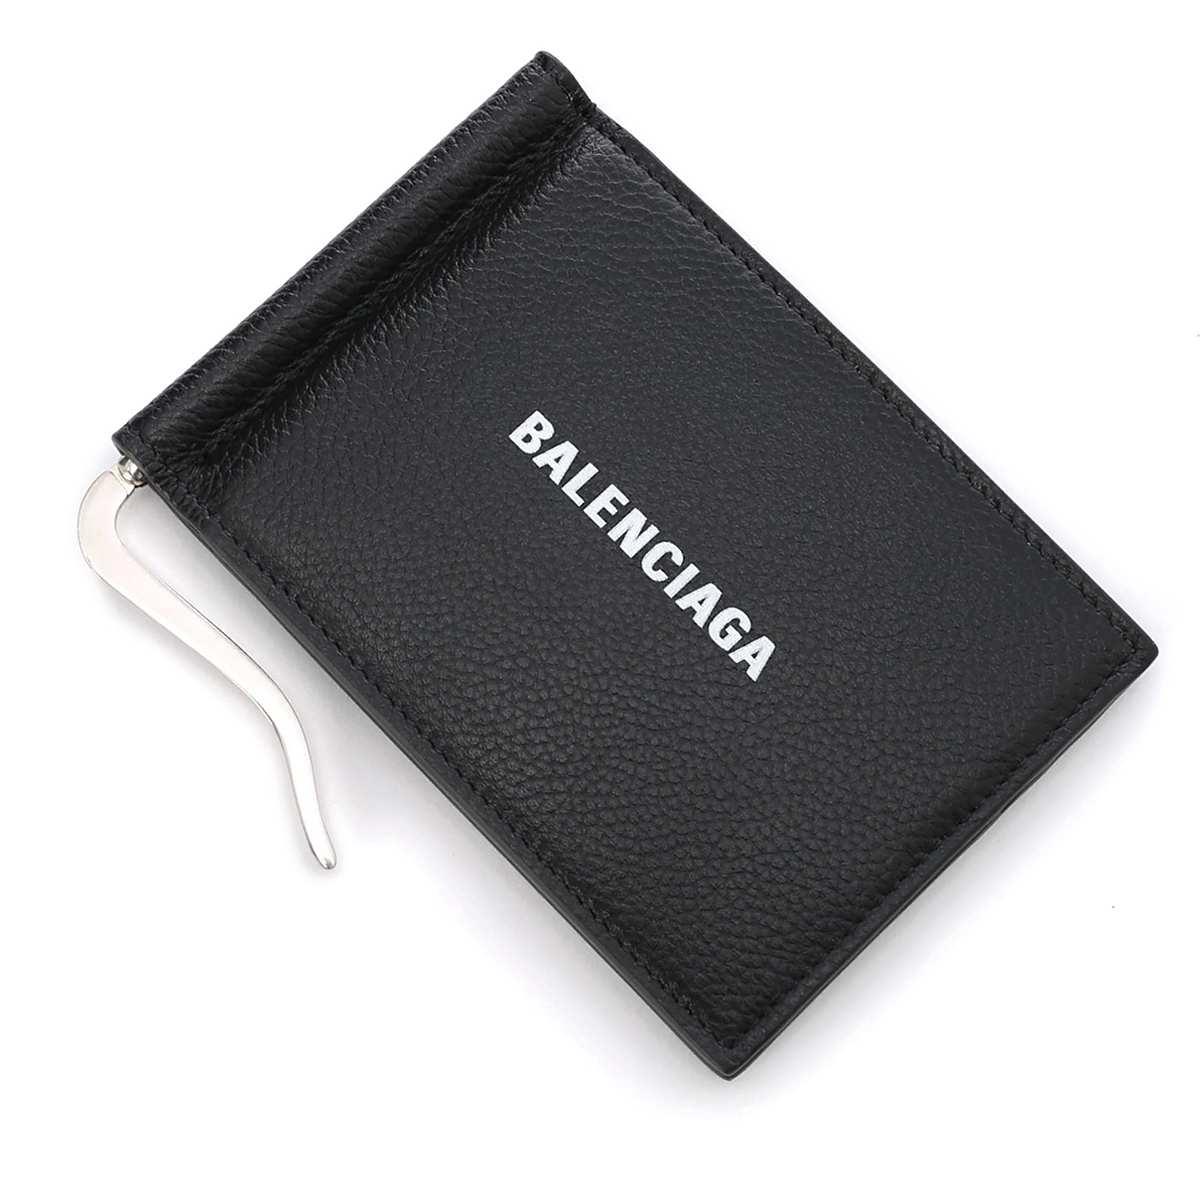 バレンシアガ BALENCIAGA マネークリップ ブラック メンズ 594308 1iz43 1090 CASH BILL CLIP SQUARE WALLET【あす楽対応_関東】【返品送料無料】【ラッピング無料】